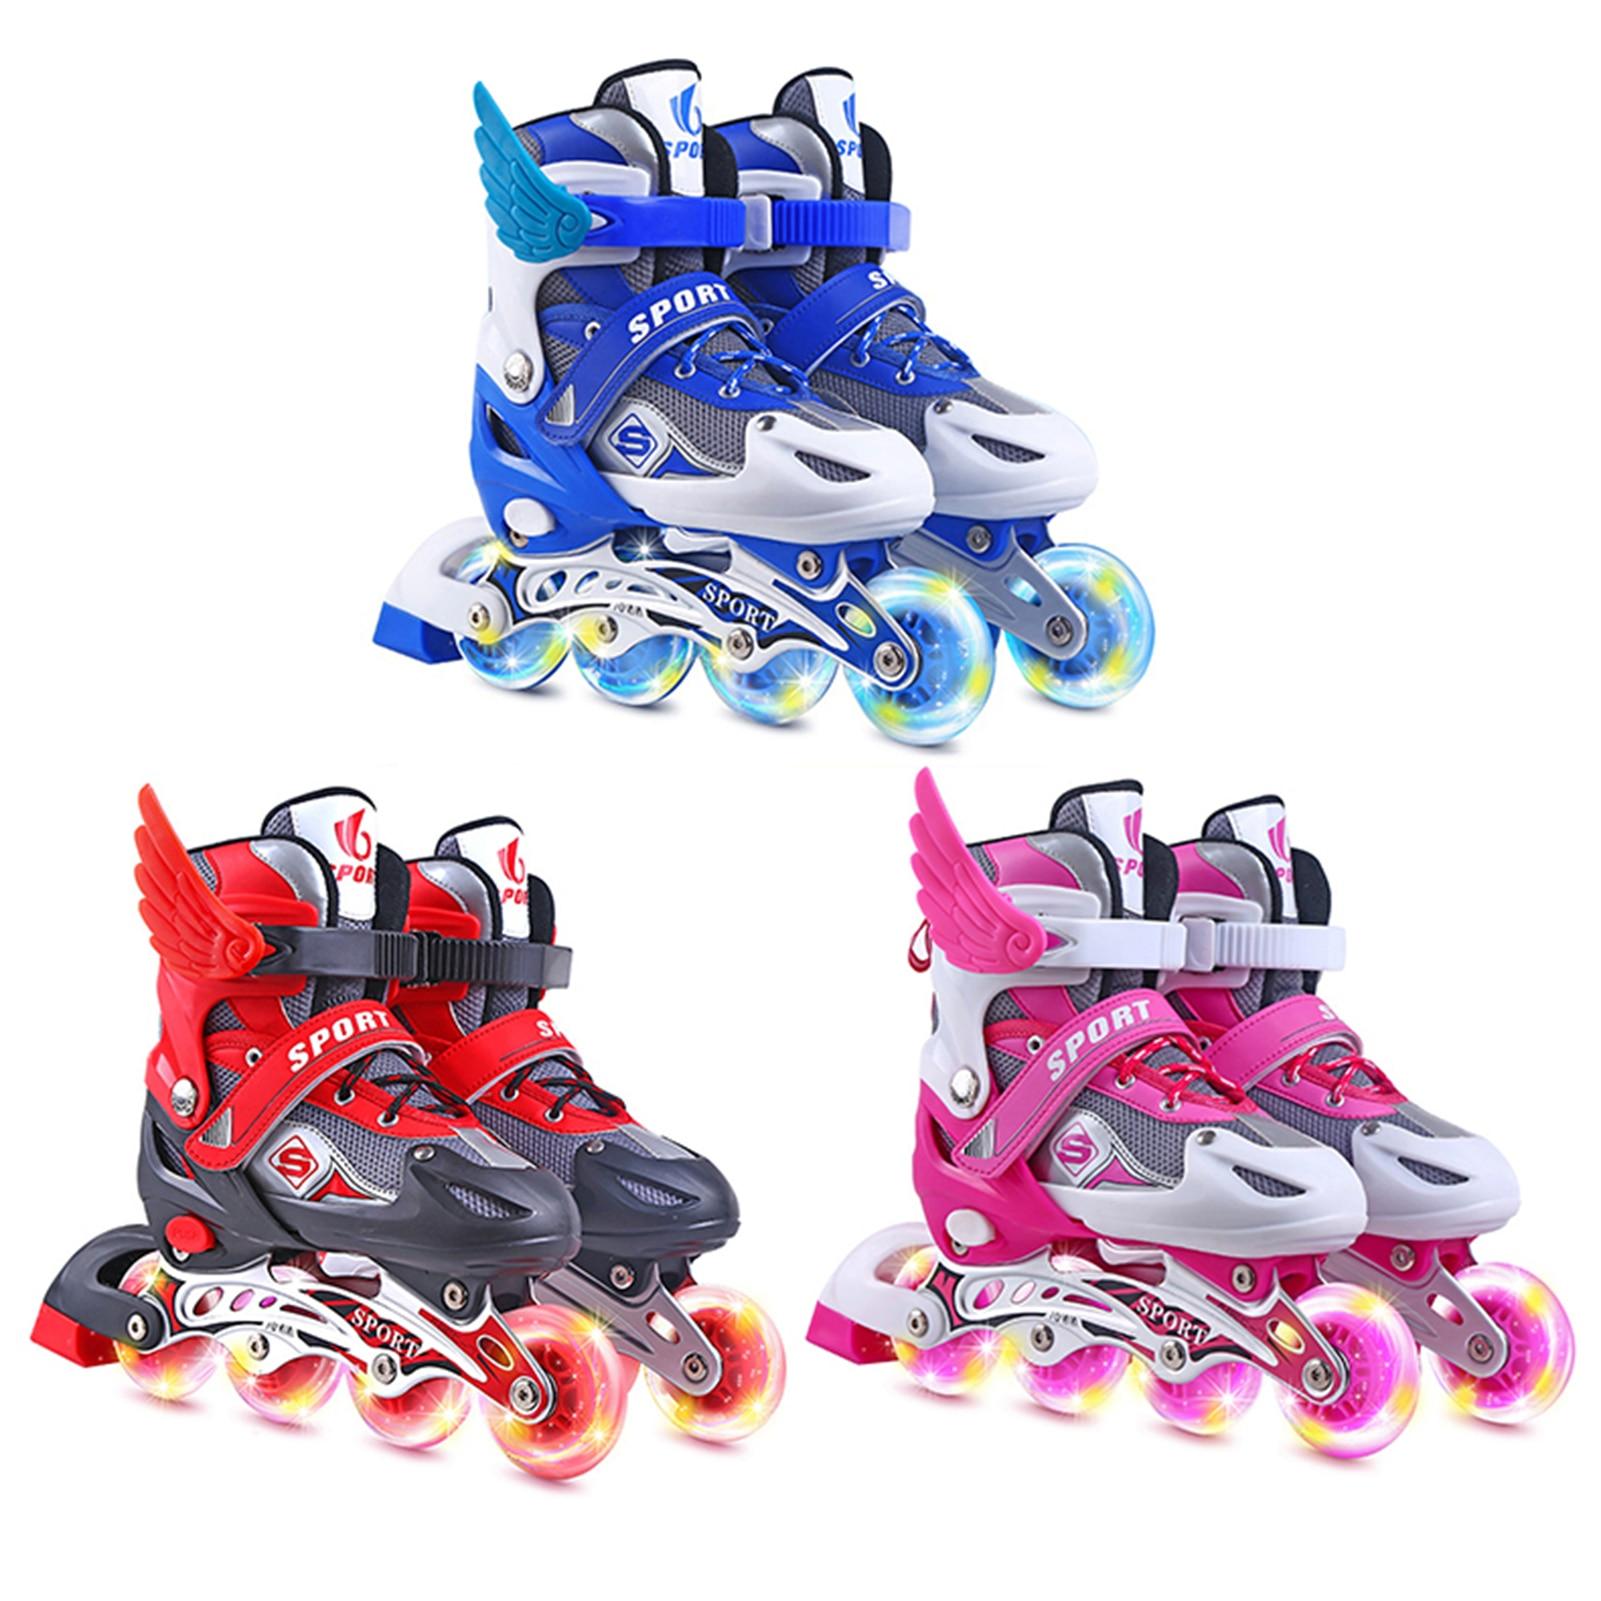 Детские роликовые коньки со вспышкой, высококачественные роликовые коньки из ПВХ, одноколесные роликовые коньки, роликовые коньки с регули...